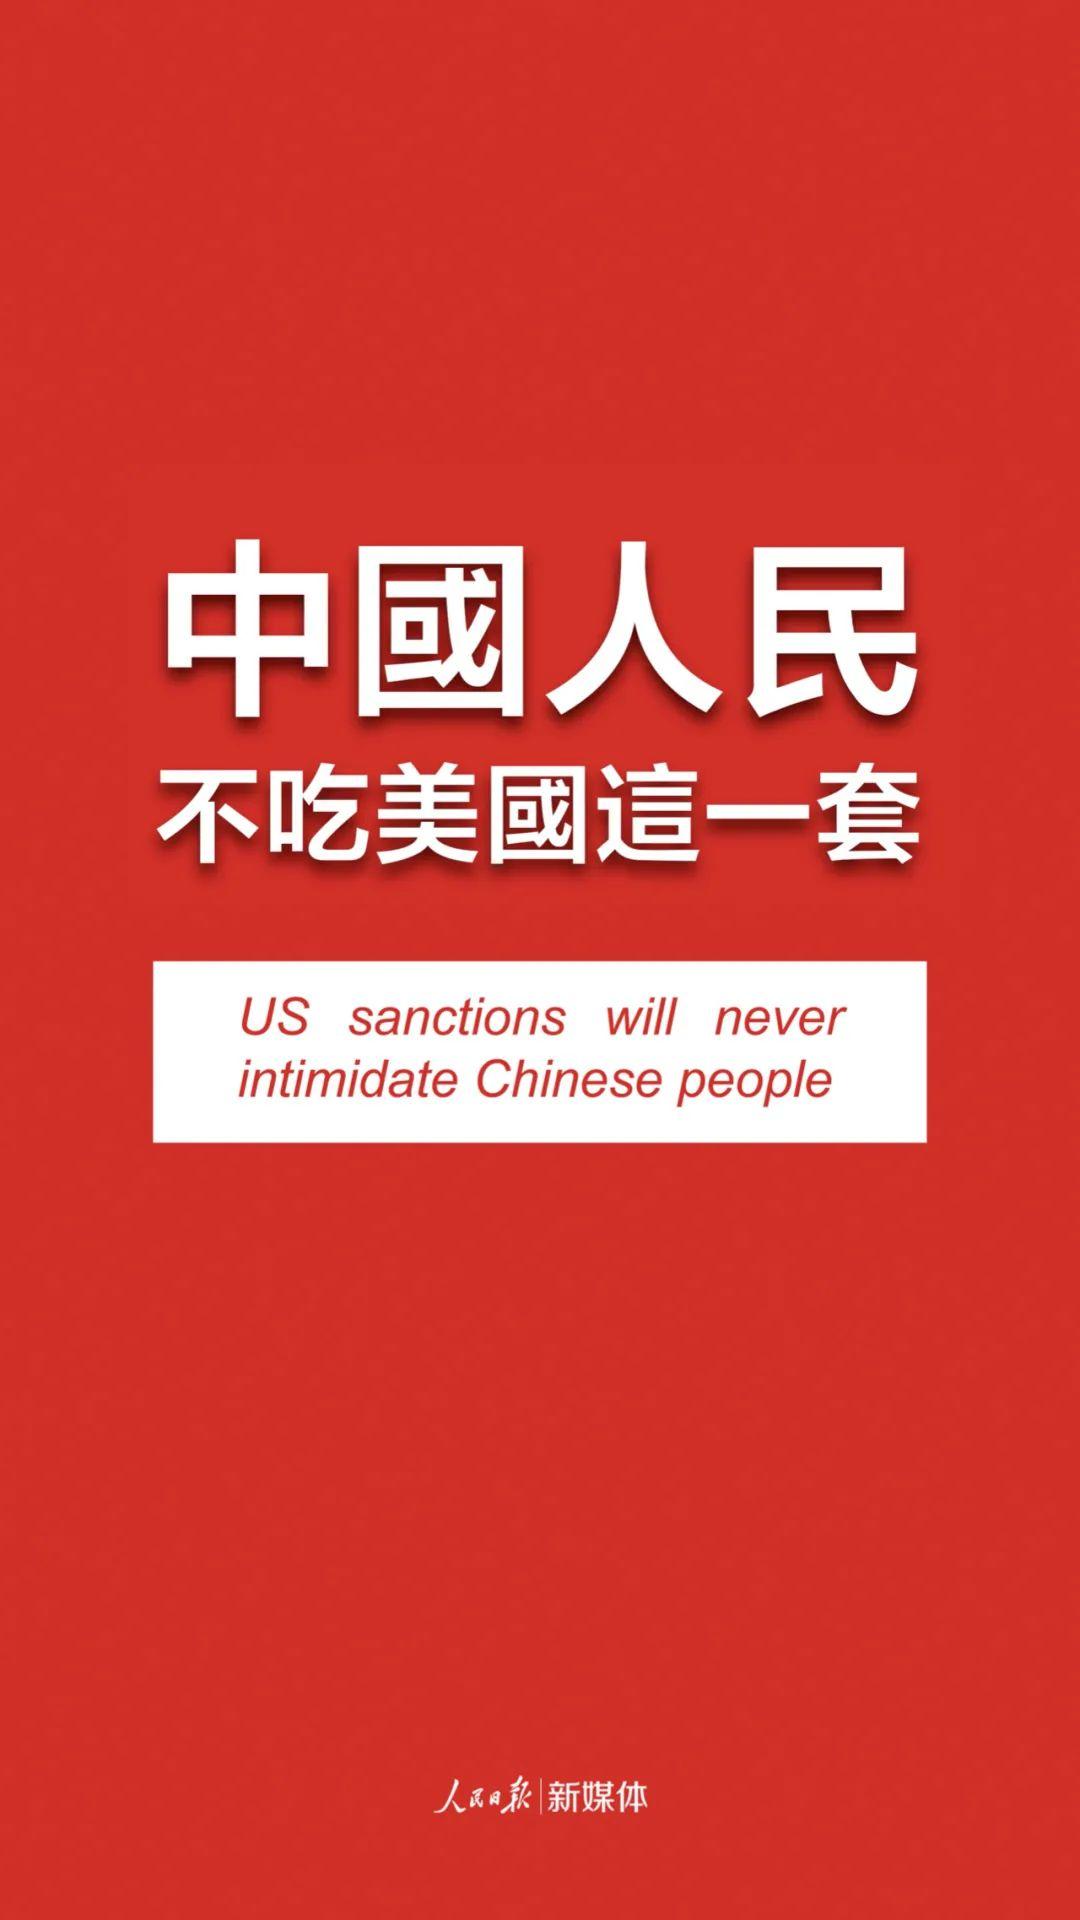 摩天开户,人民日报香港国安立法美摩天开户国干扰也图片